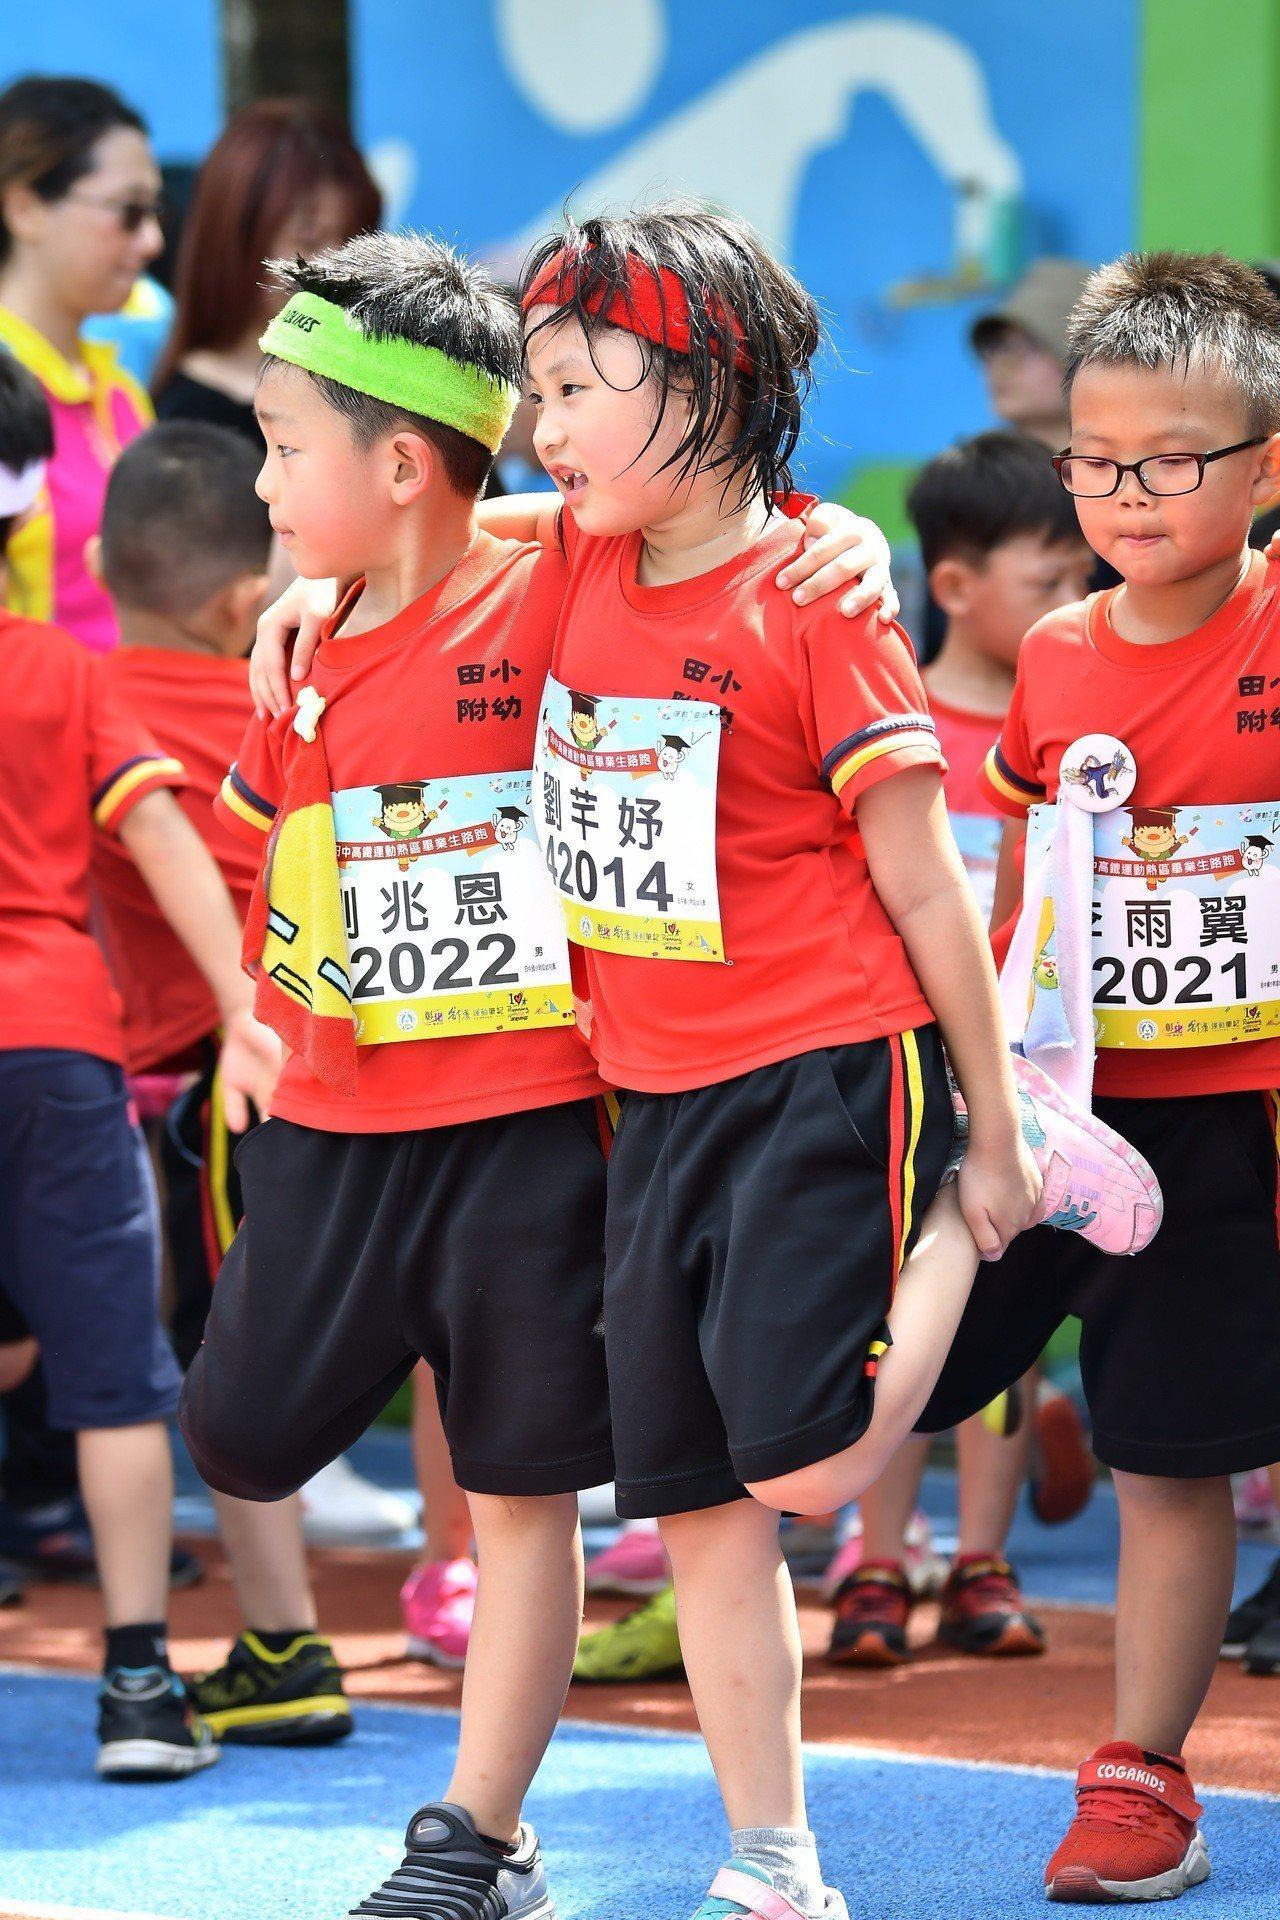 幼兒園小選手路跑前熱身的情形。照片/舒康運動協會提供